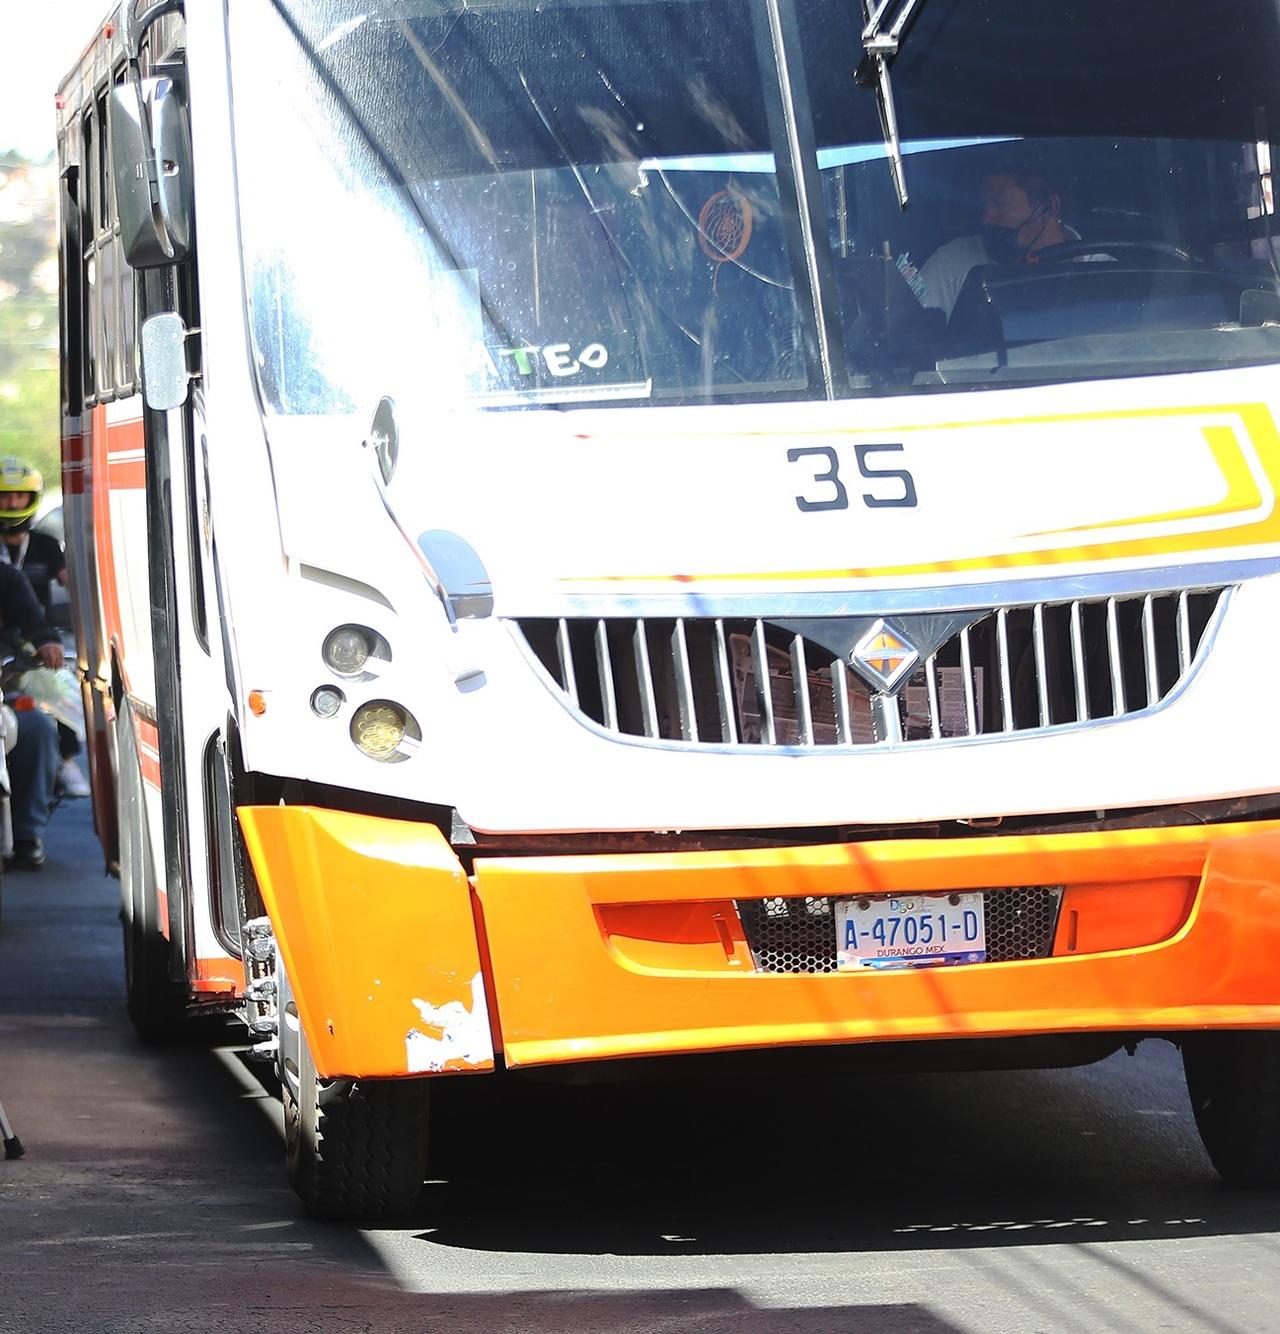 Autobuses van de regreso a la Zona Centro